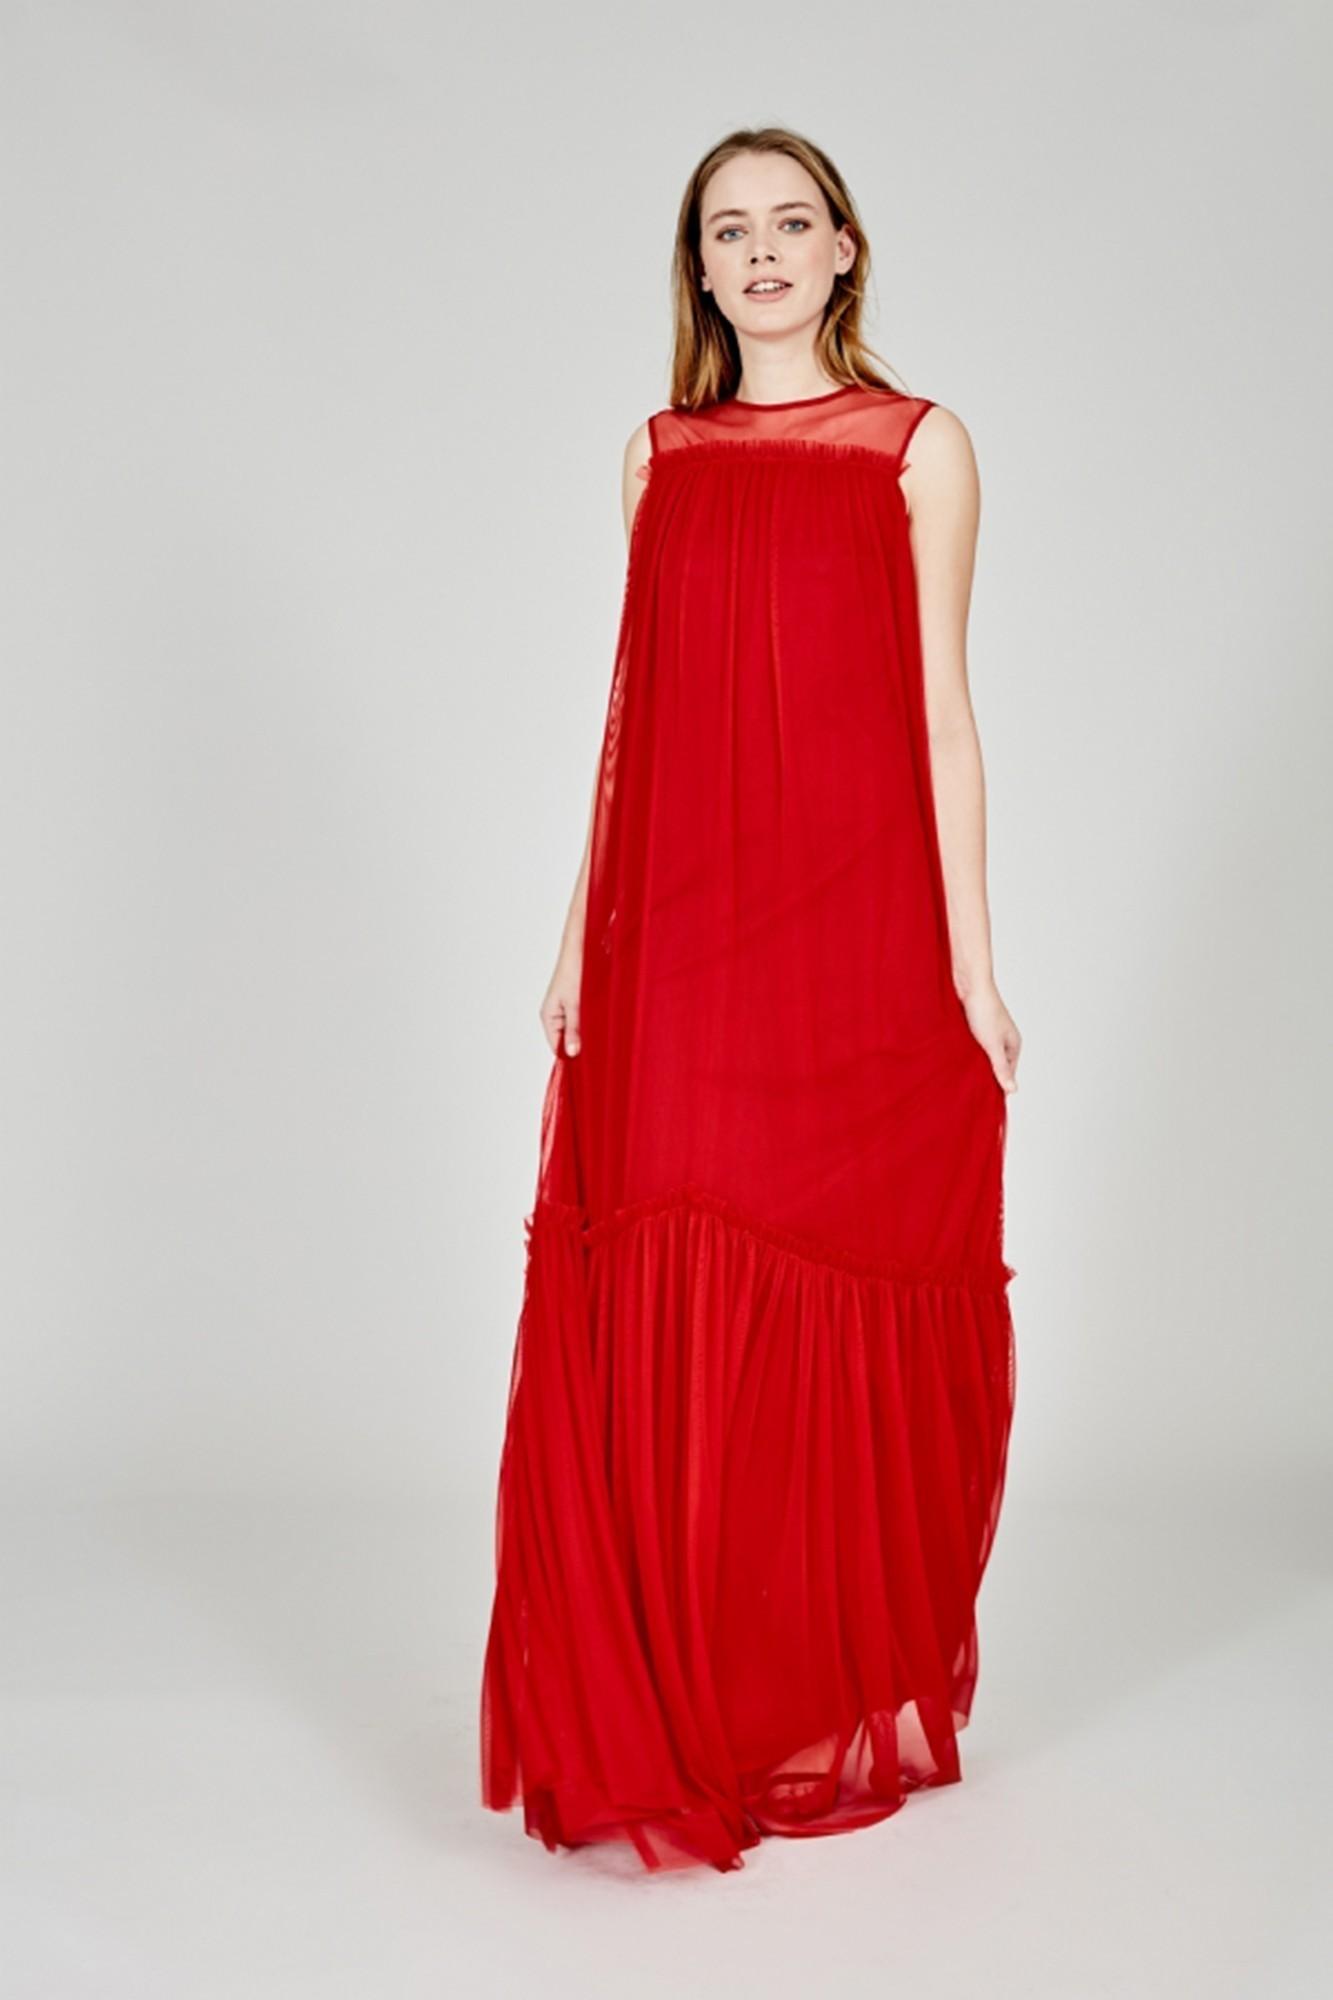 GARBI RED DRESS